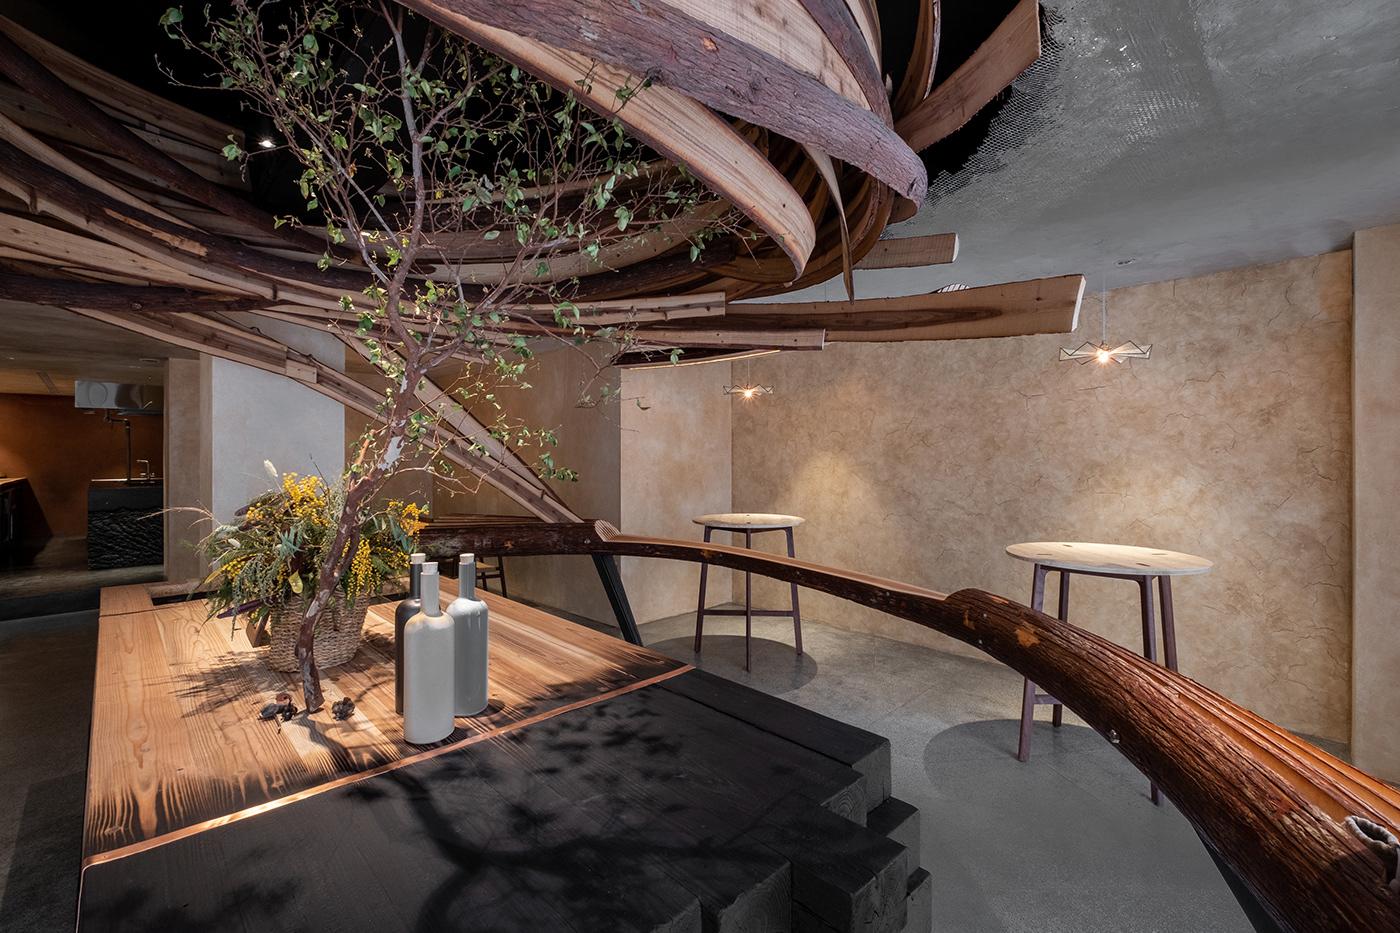 architecture design Interior interiordesign